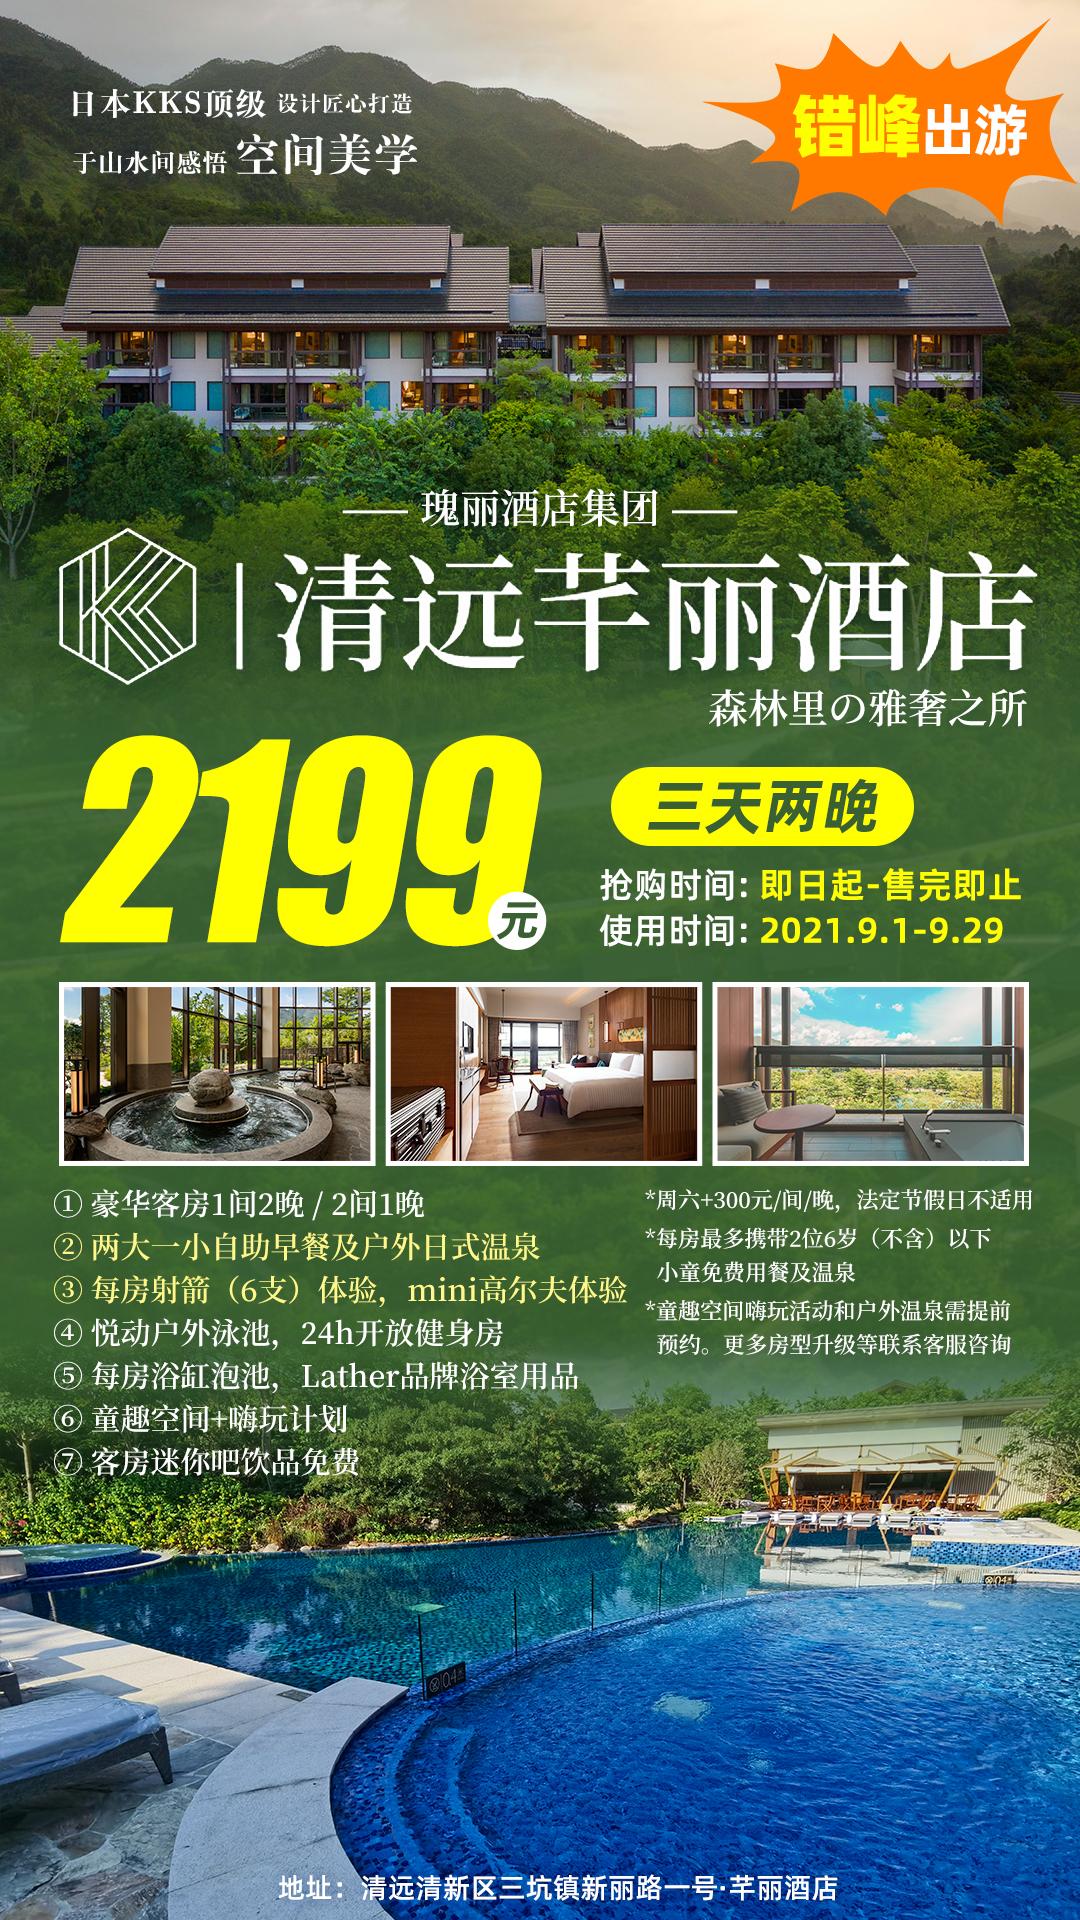 【优行·国旅】超强攻略—广东省内度假酒店奖励旅游篇